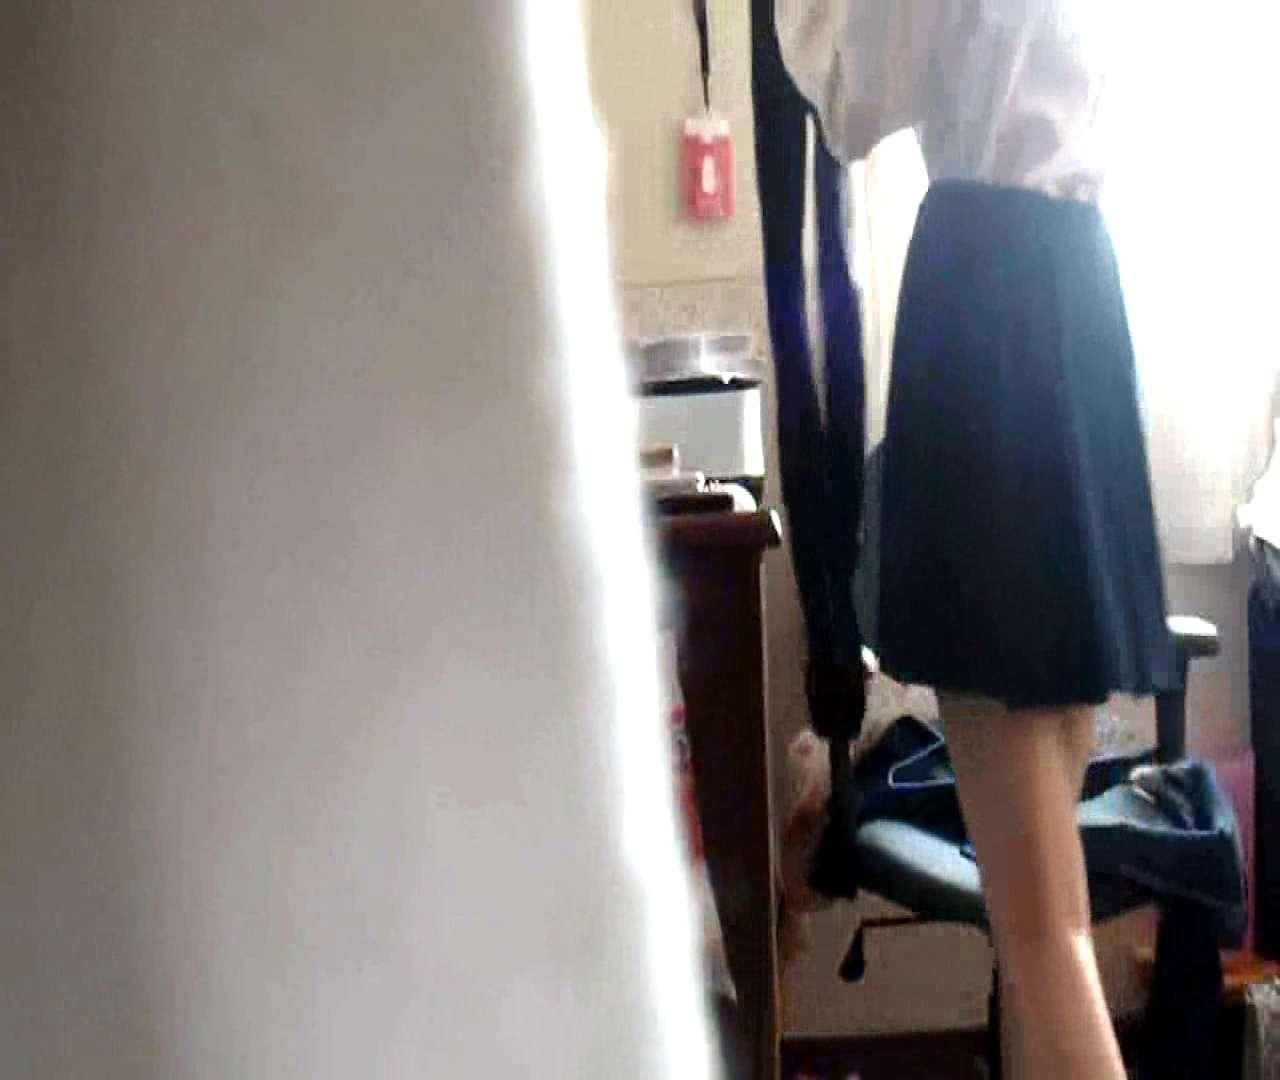 二人とも育てた甲斐がありました… vol.02 まどかの朝の着替え HなOL   女子着替え  67pic 18